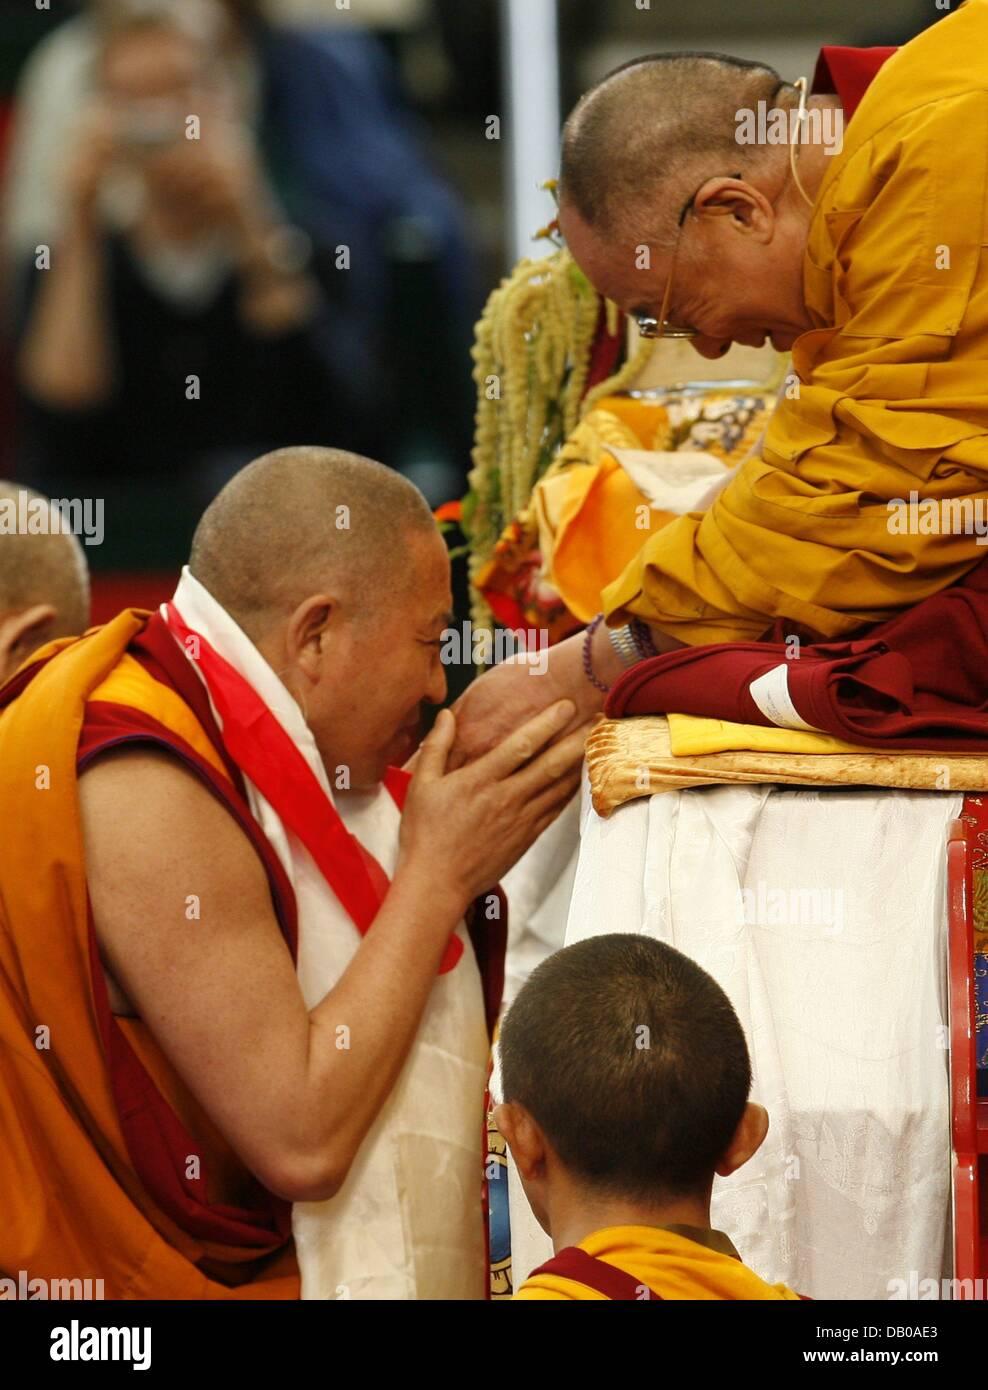 Ein Mönch kommt in Kontakt mit dem Dalai Lama (R) auf seinem Thron in Hamburg, Deutschland, 27. Juli 2007. Der 72 Stockfoto